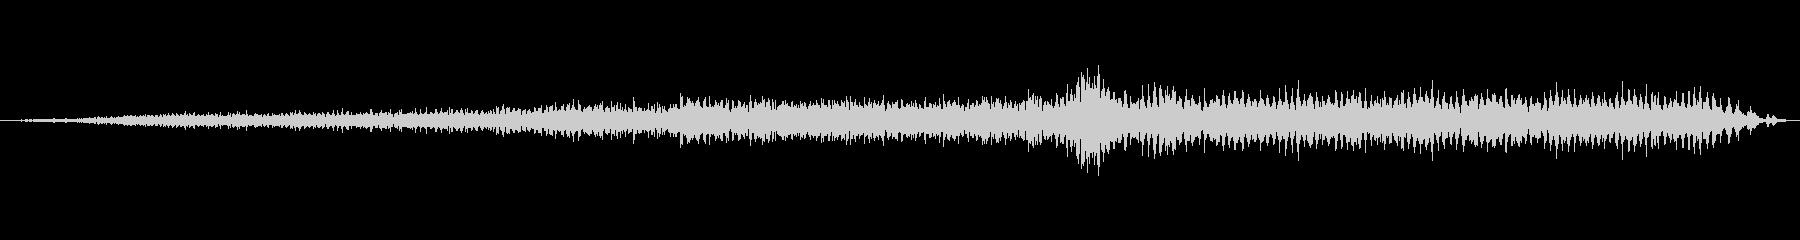 オールドビートアップピックアップト...の未再生の波形